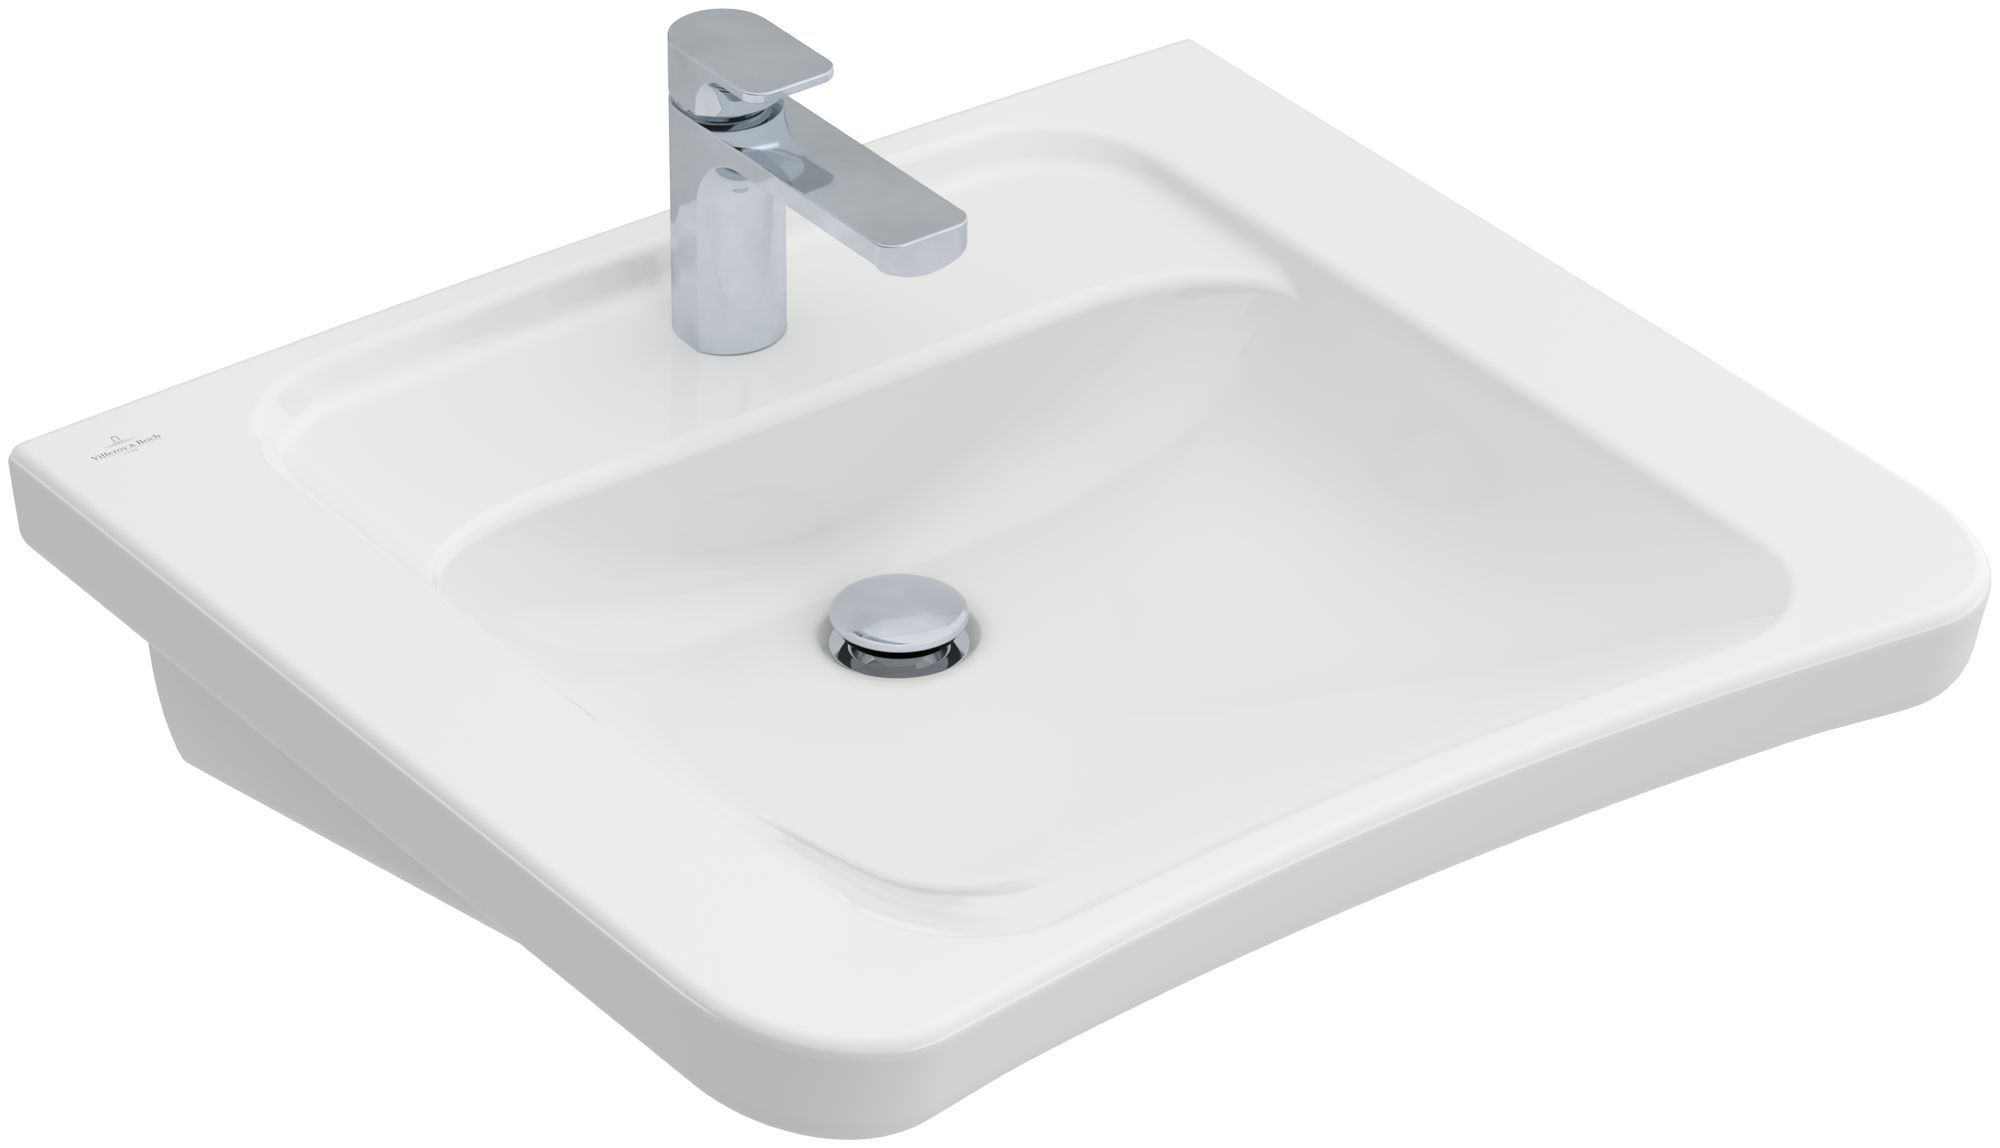 Villeroy & Boch Architectura Waschtisch B:60,5xT:55xH:21cm 1 Hahnloch ohne Überlauf unterfahrbar weiß mit Ceramicplus 517868R1